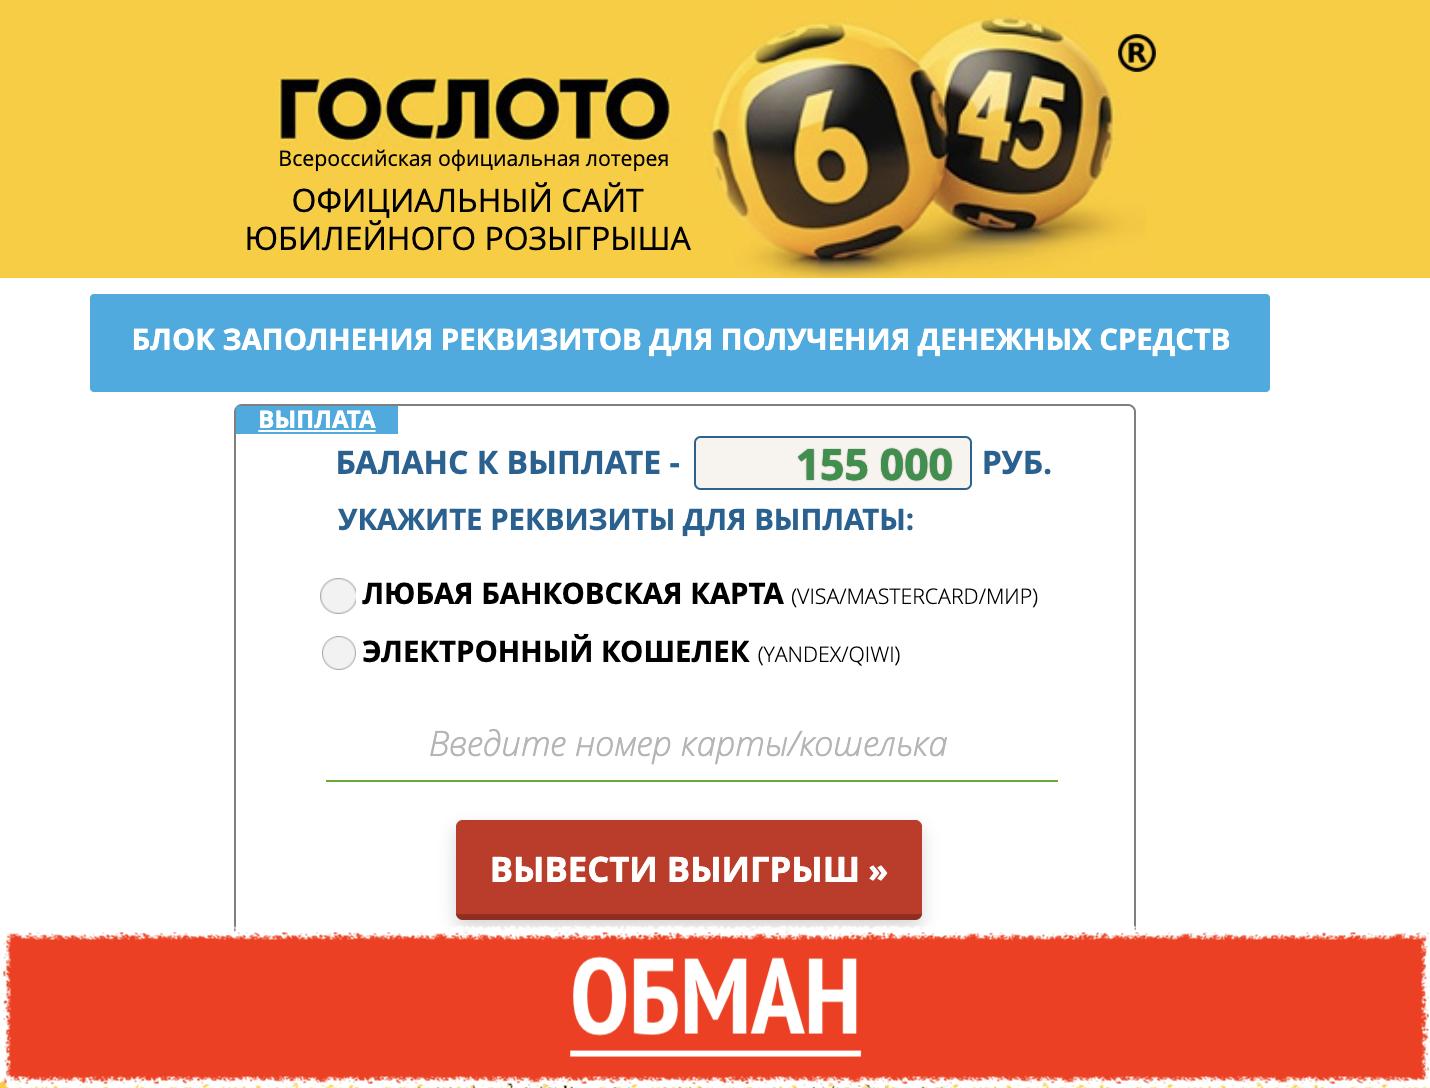 Powerball официальный сайт лотереи: регистрация и вход